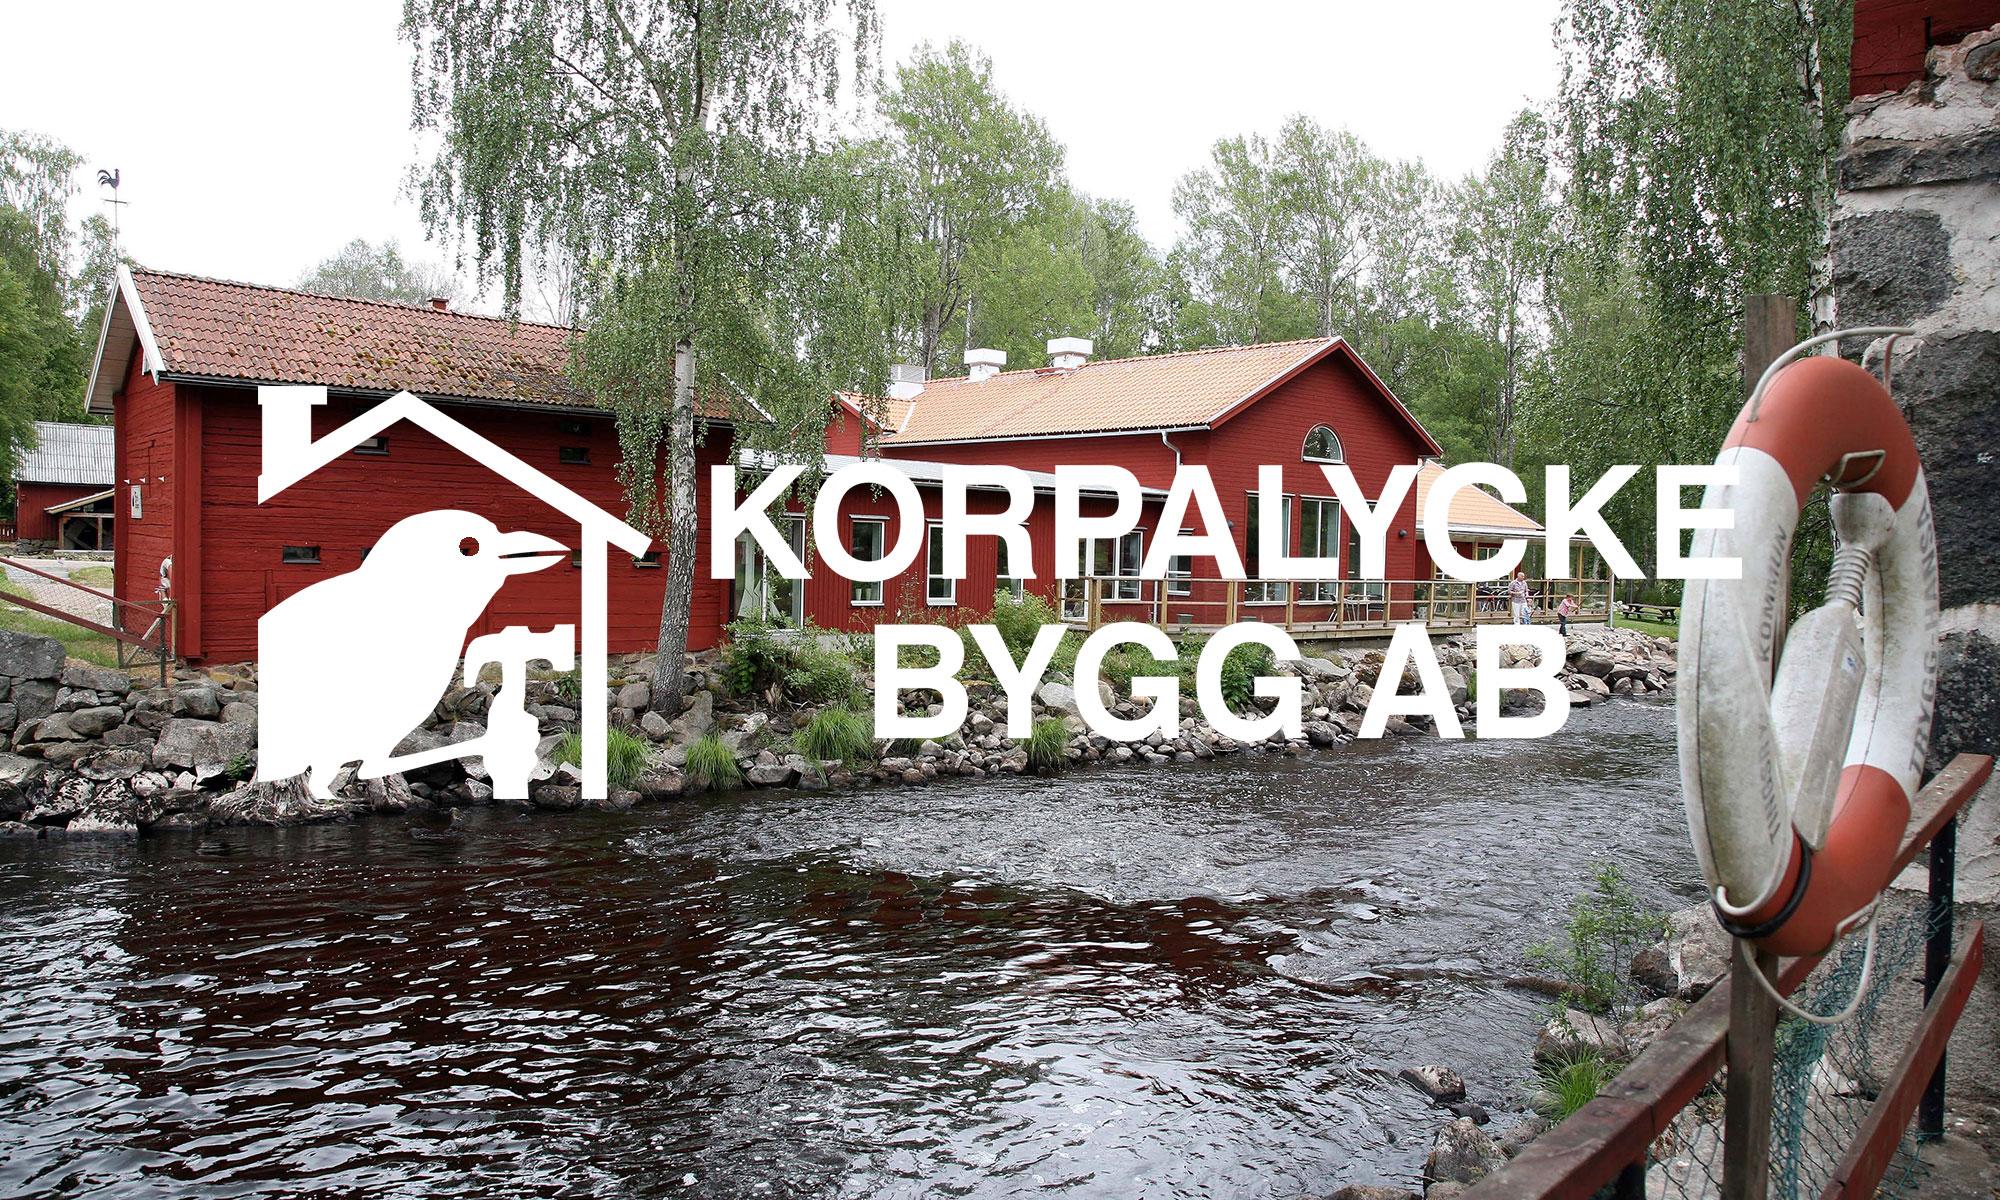 Korpalycke Bygg AB - Byggfirma, Hantverkare, Snickare i Tingsryd & Blekinge